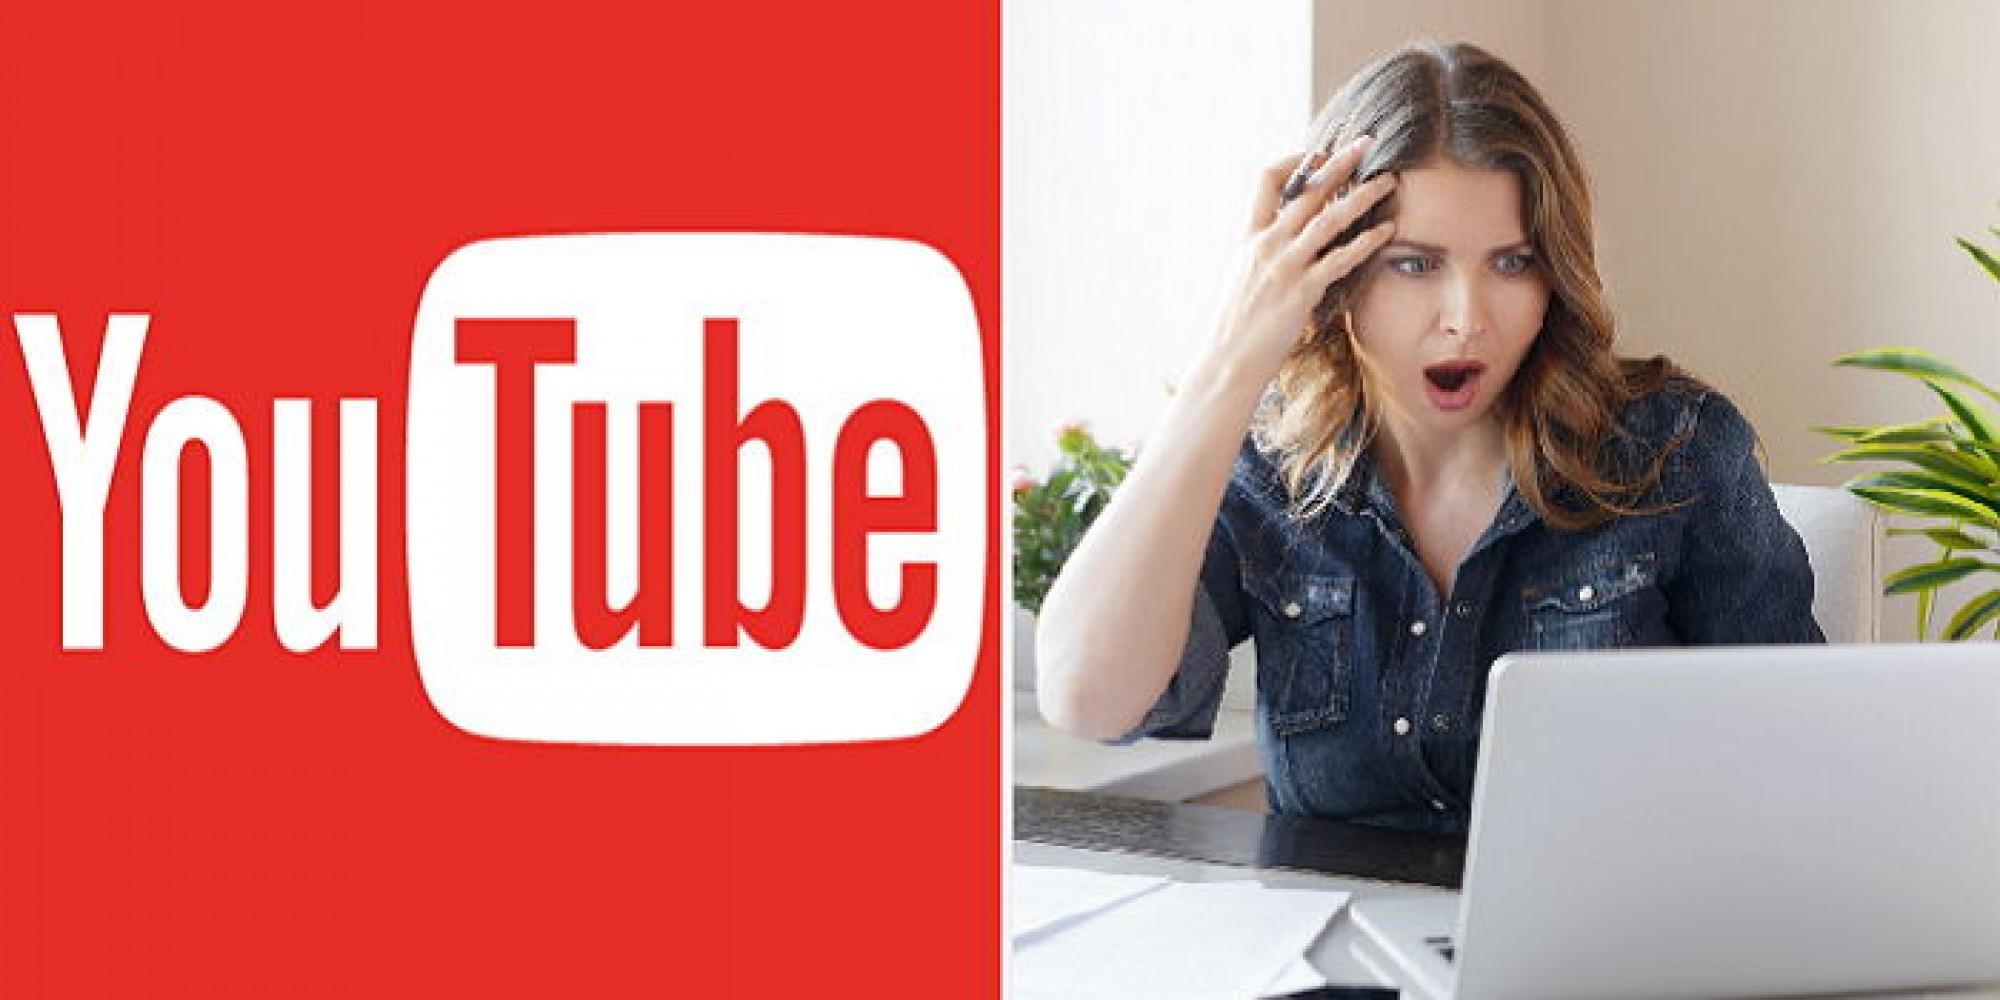 유튜버만 알고 있는 유튜브의 '숨겨진 기능' 5가지